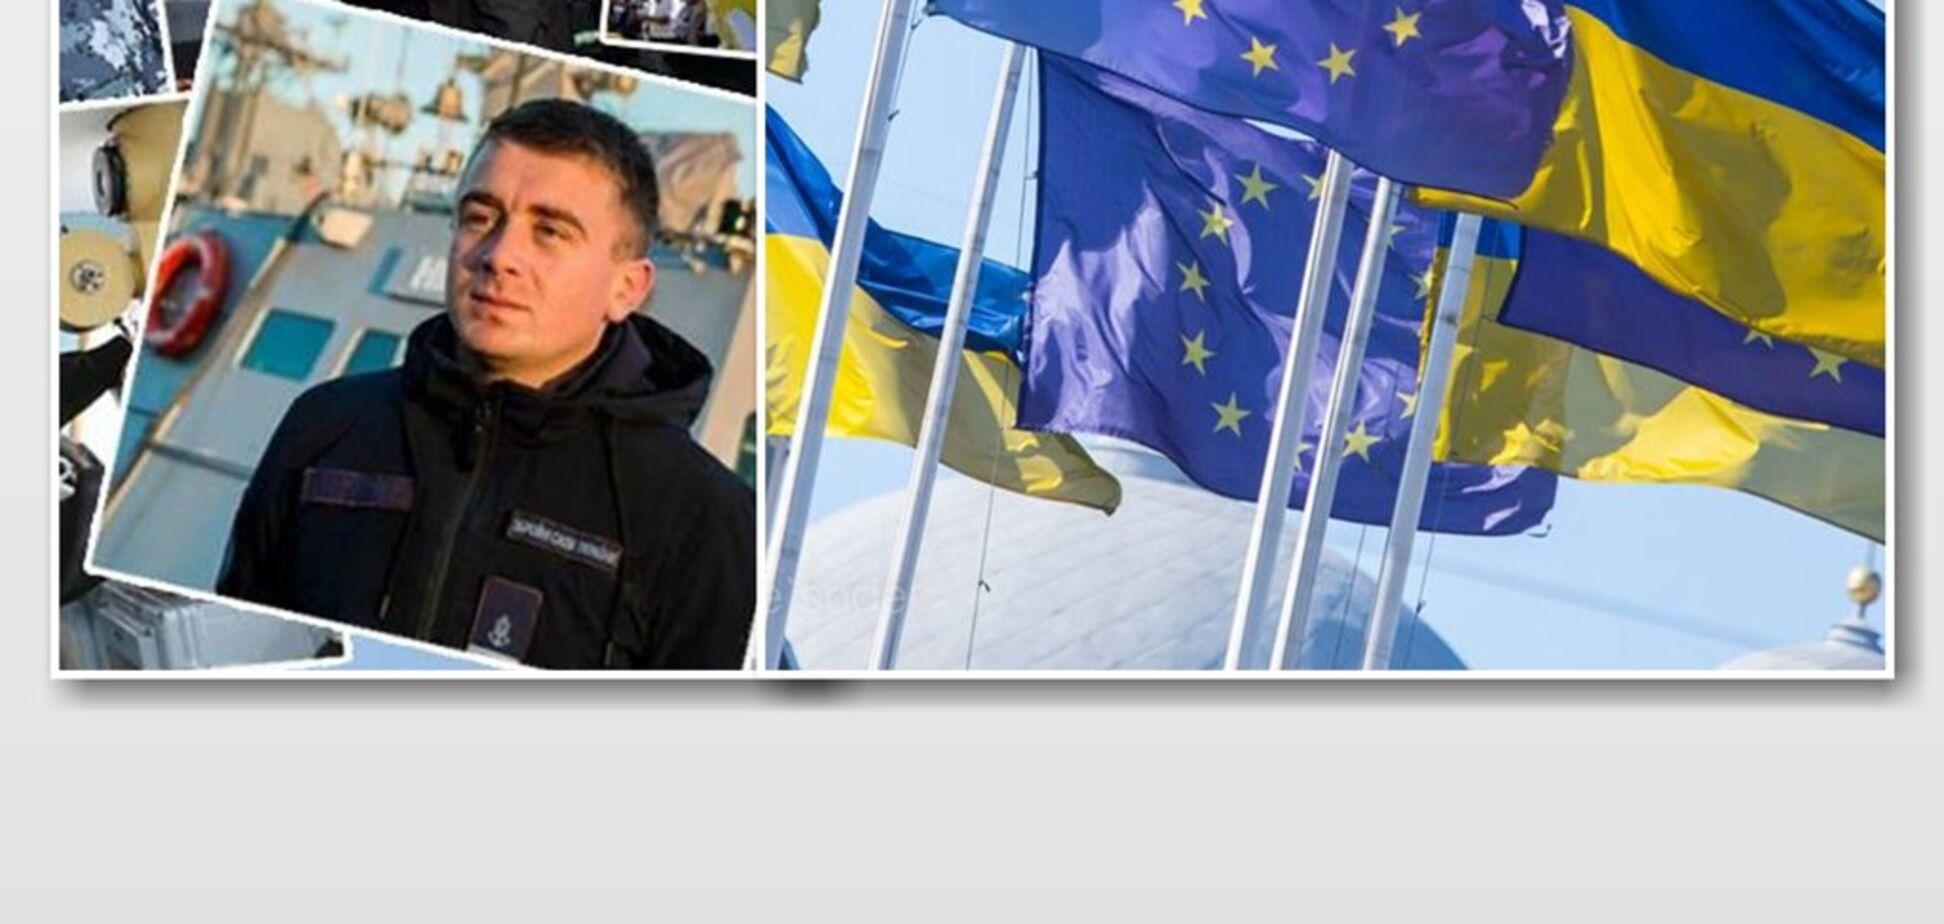 Сигнал Путіну: ЄС зважився на важливий крок заради України